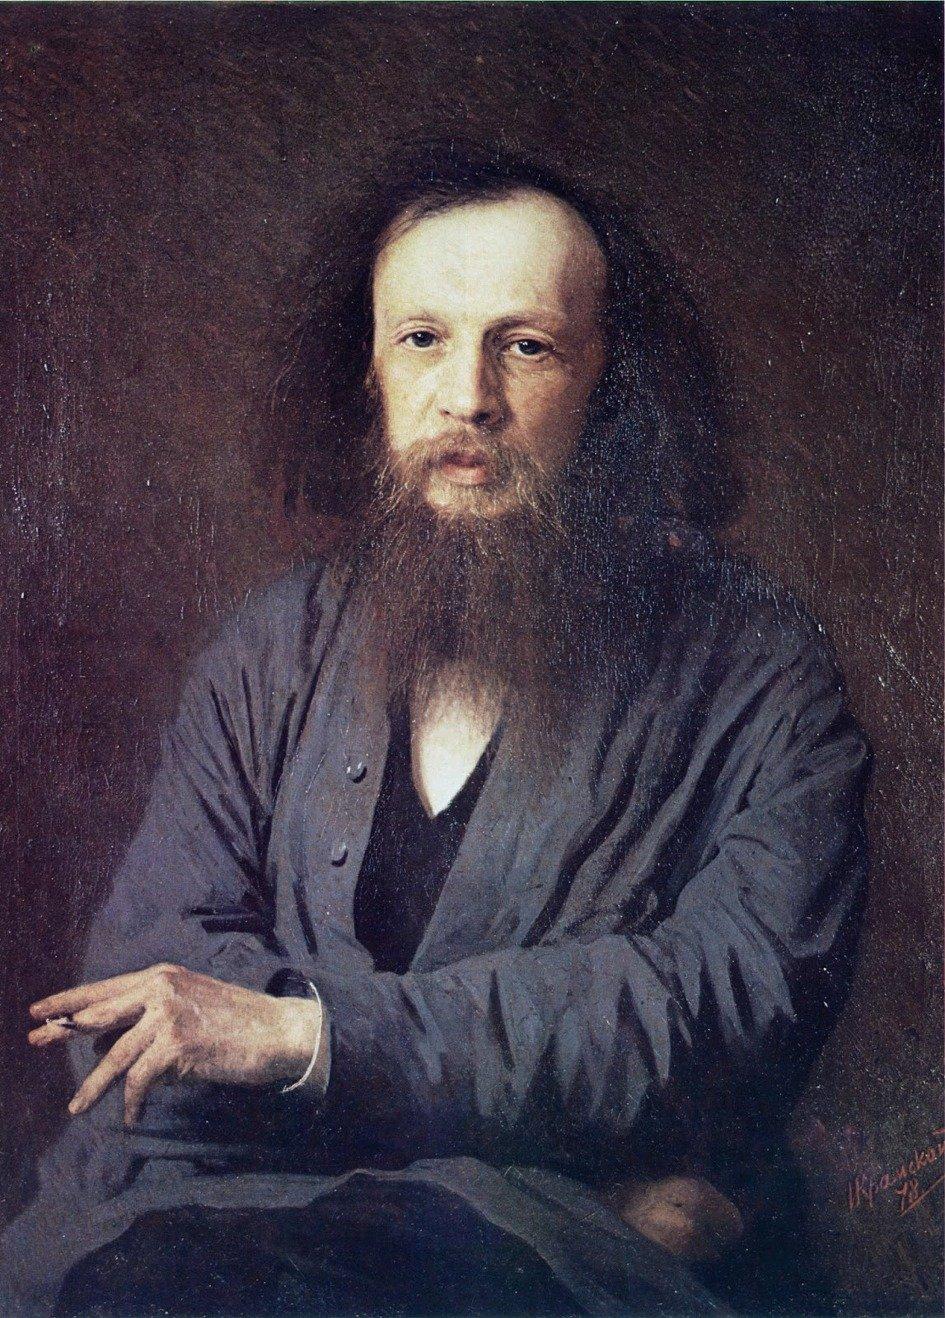 i-n-kramskoj-d-i-mendeleev-1878